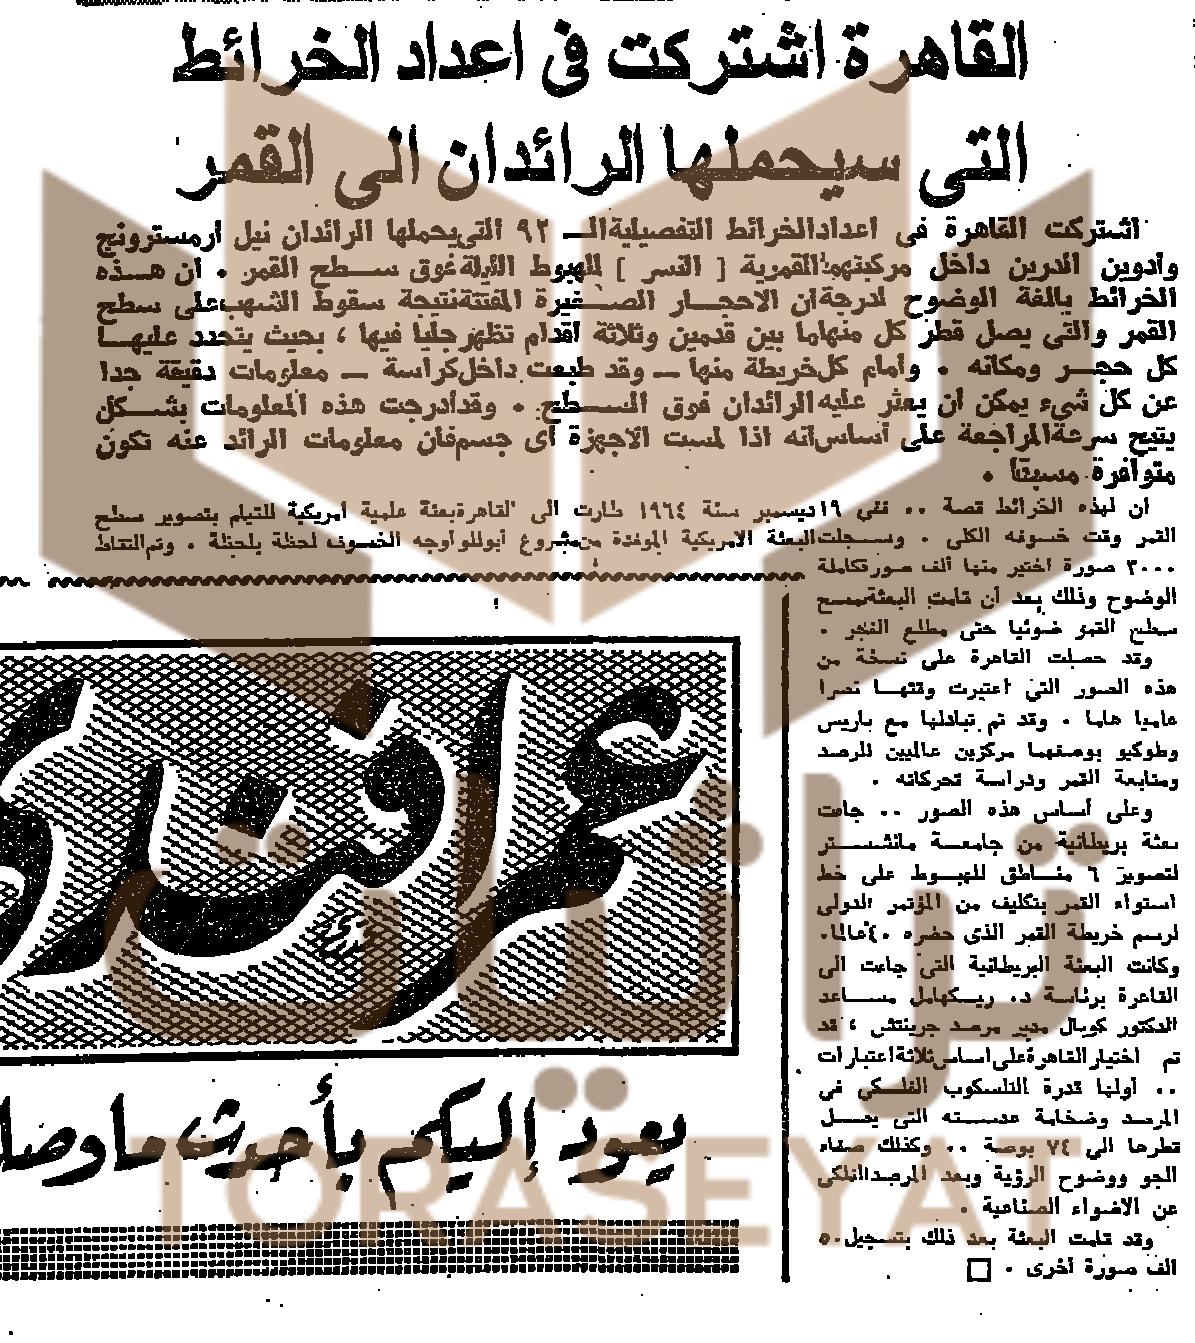 خبر اشتراك مصر في خرائط رحلة الهبوط على القمر 1969 م